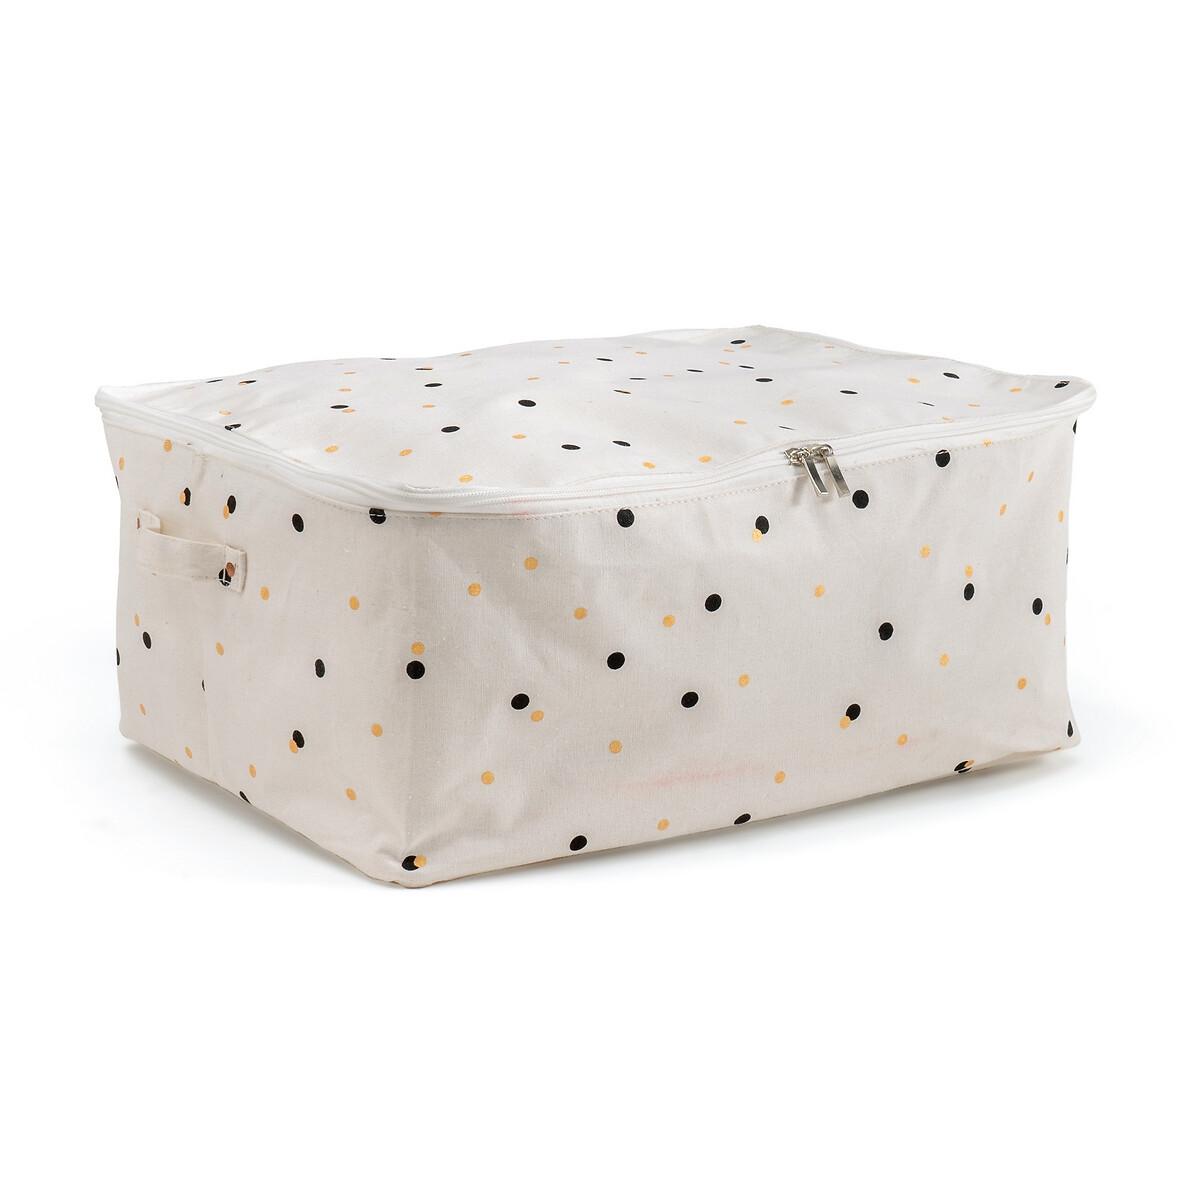 Чехол LaRedoute Для хранения M Kubler единый размер белый кресла la redoute wapong единый размер белый